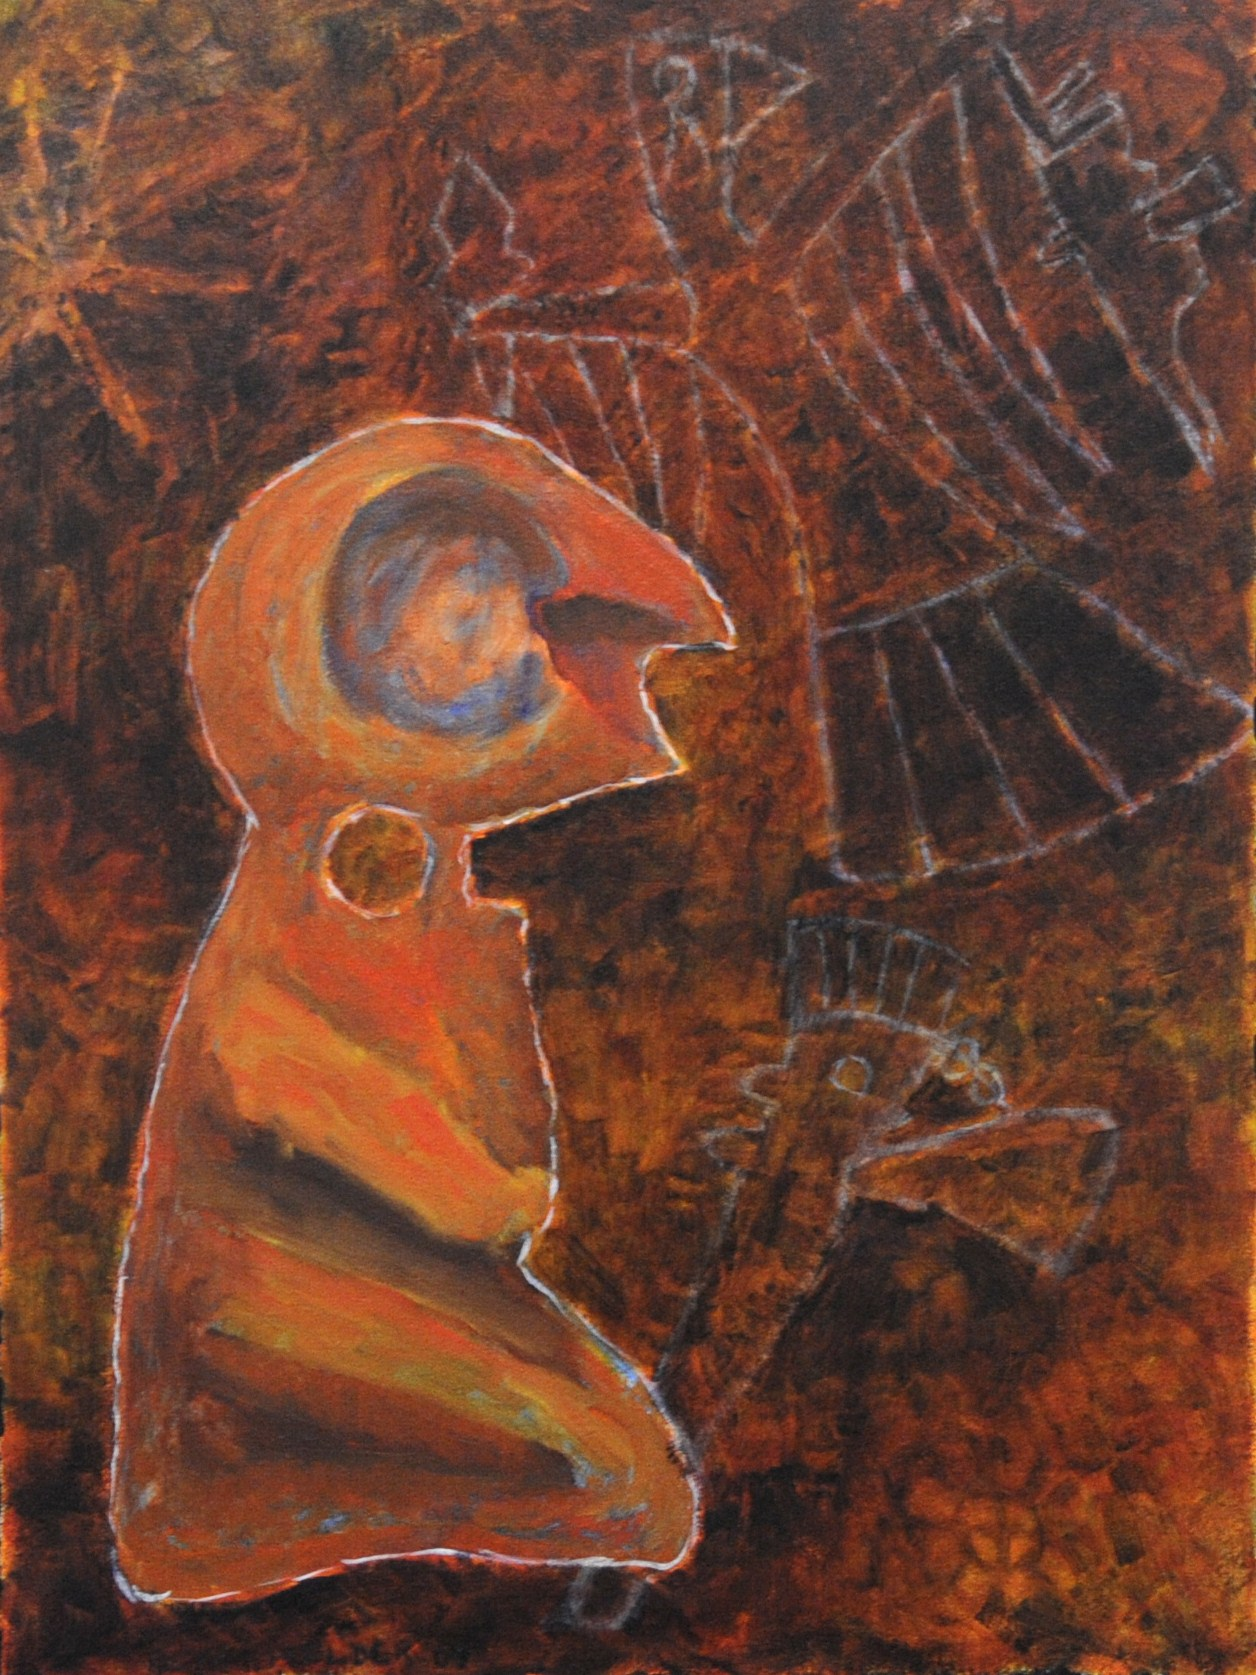 Bird-Man Bone Artifact